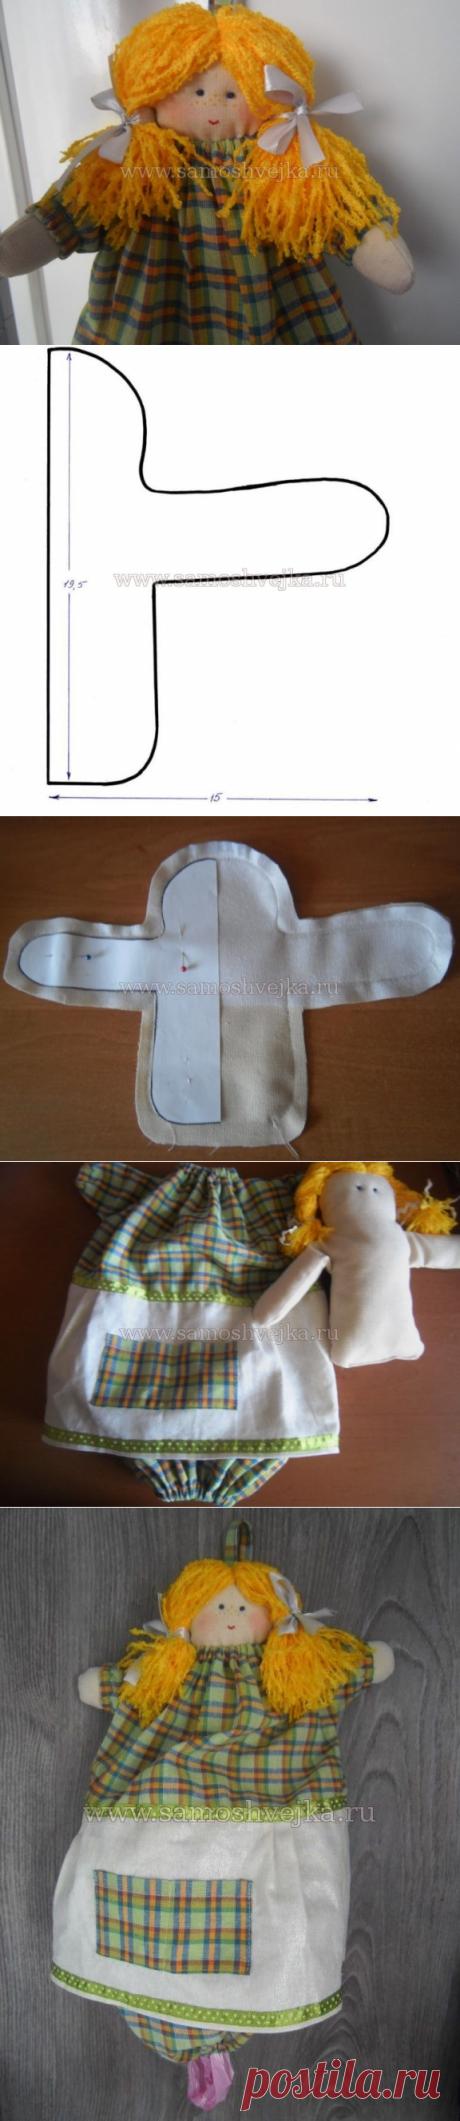 Кукла пакетница своими руками, мастер-класс | Самошвейка - сайт для любителей шитья и рукоделия